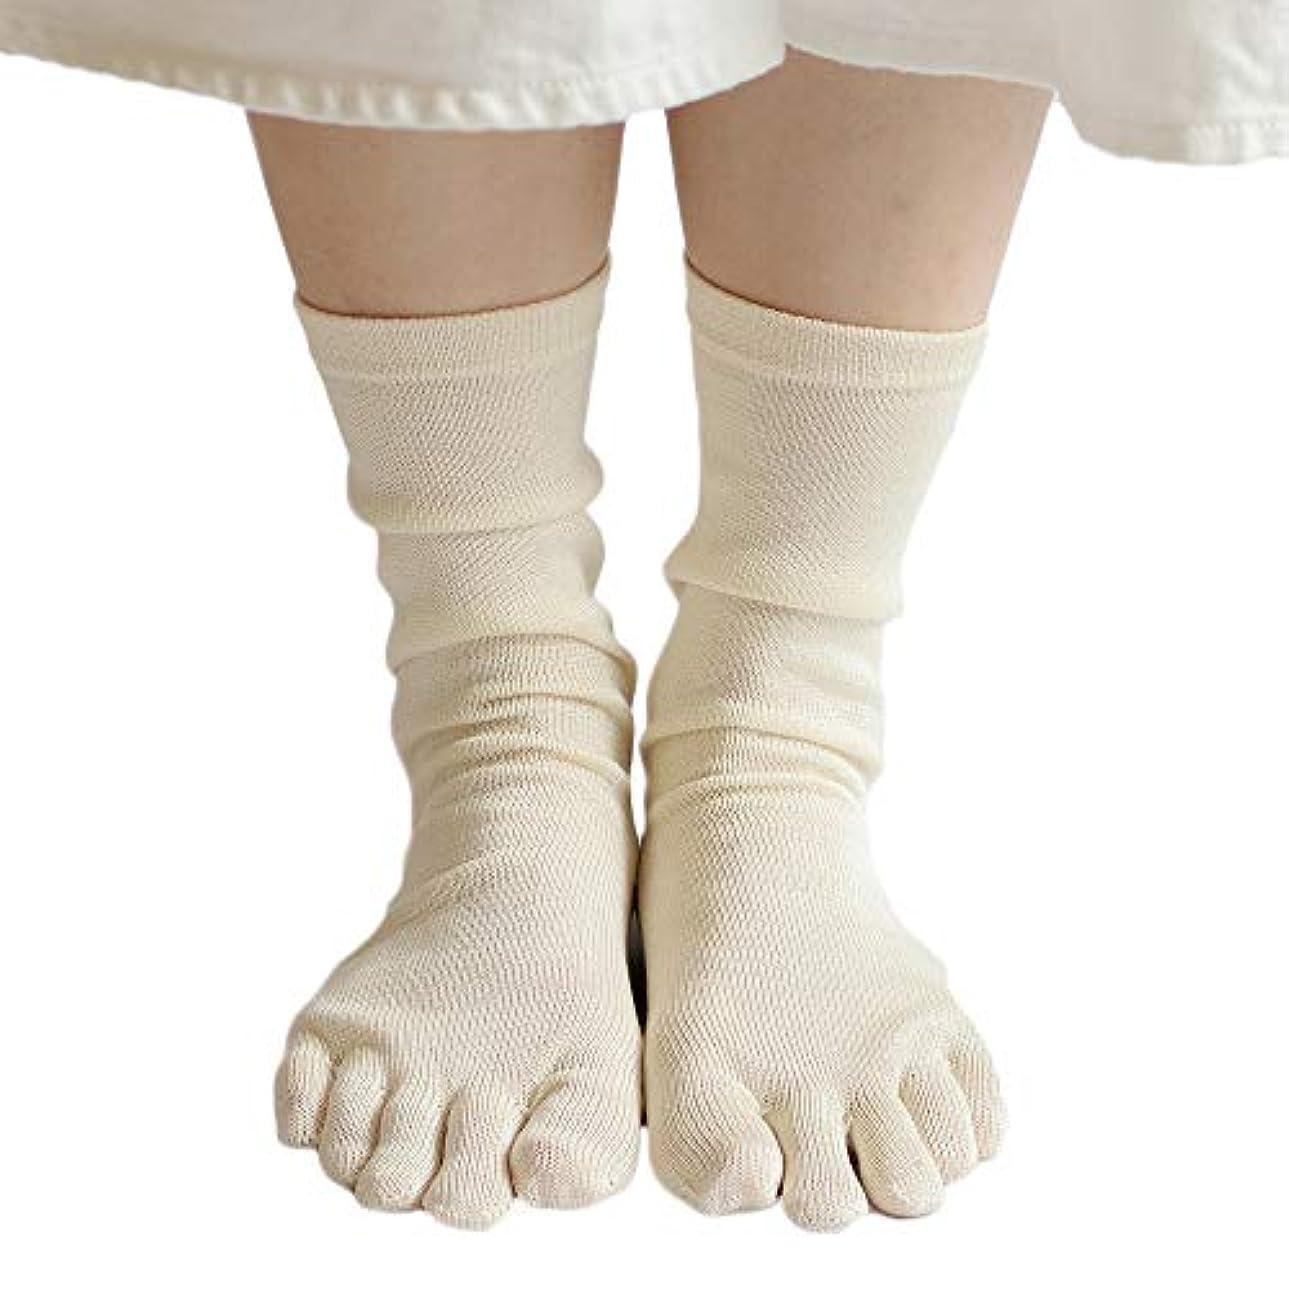 シーボードしっかりキャラクタータイシルク 100% 五本指 ソックス 3足セット かかとあり 上質なシルクを100%使用した薄手靴下 重ね履きのインナーソックスや冷えとりに